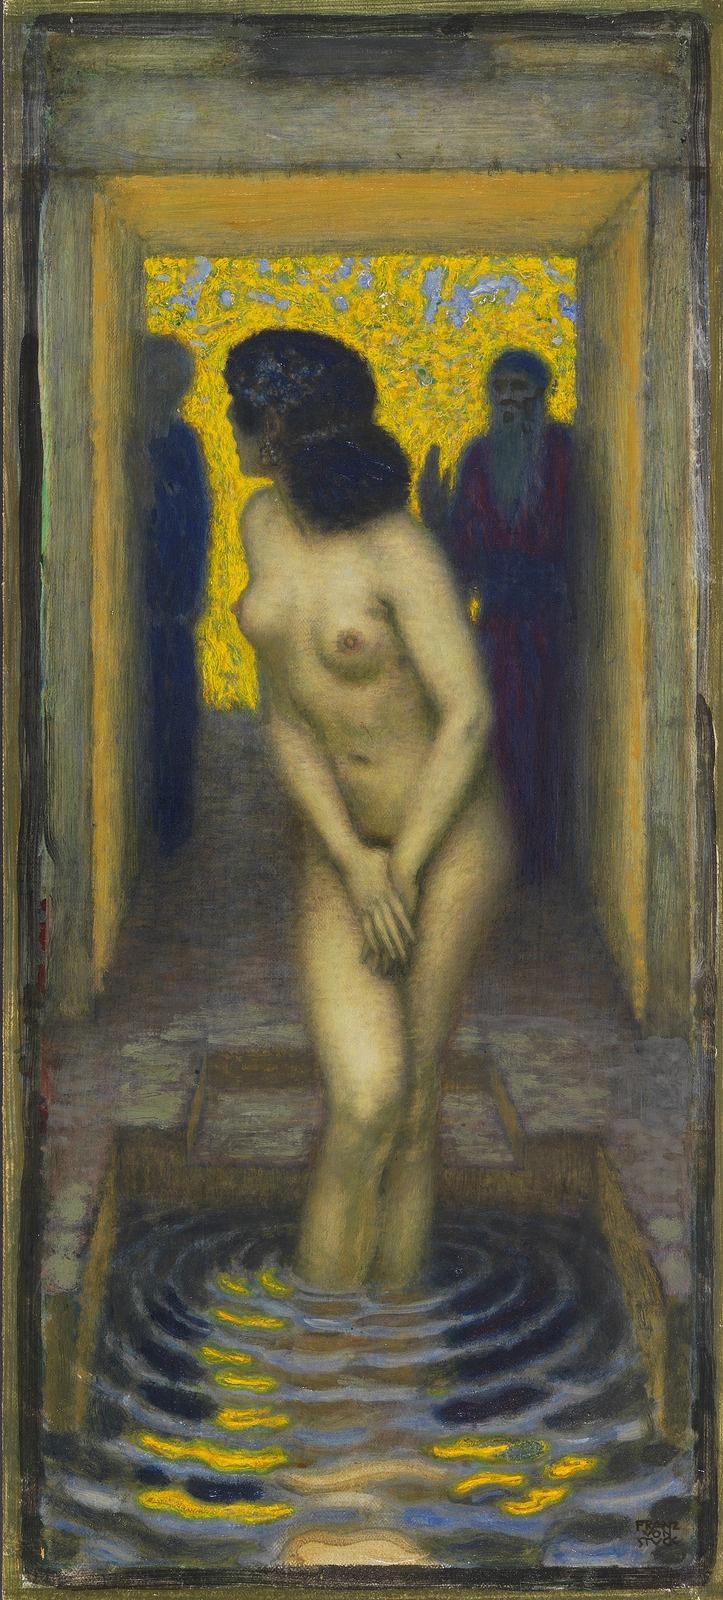 Franz von Stuck. Susanna in the swimming pool. 1913